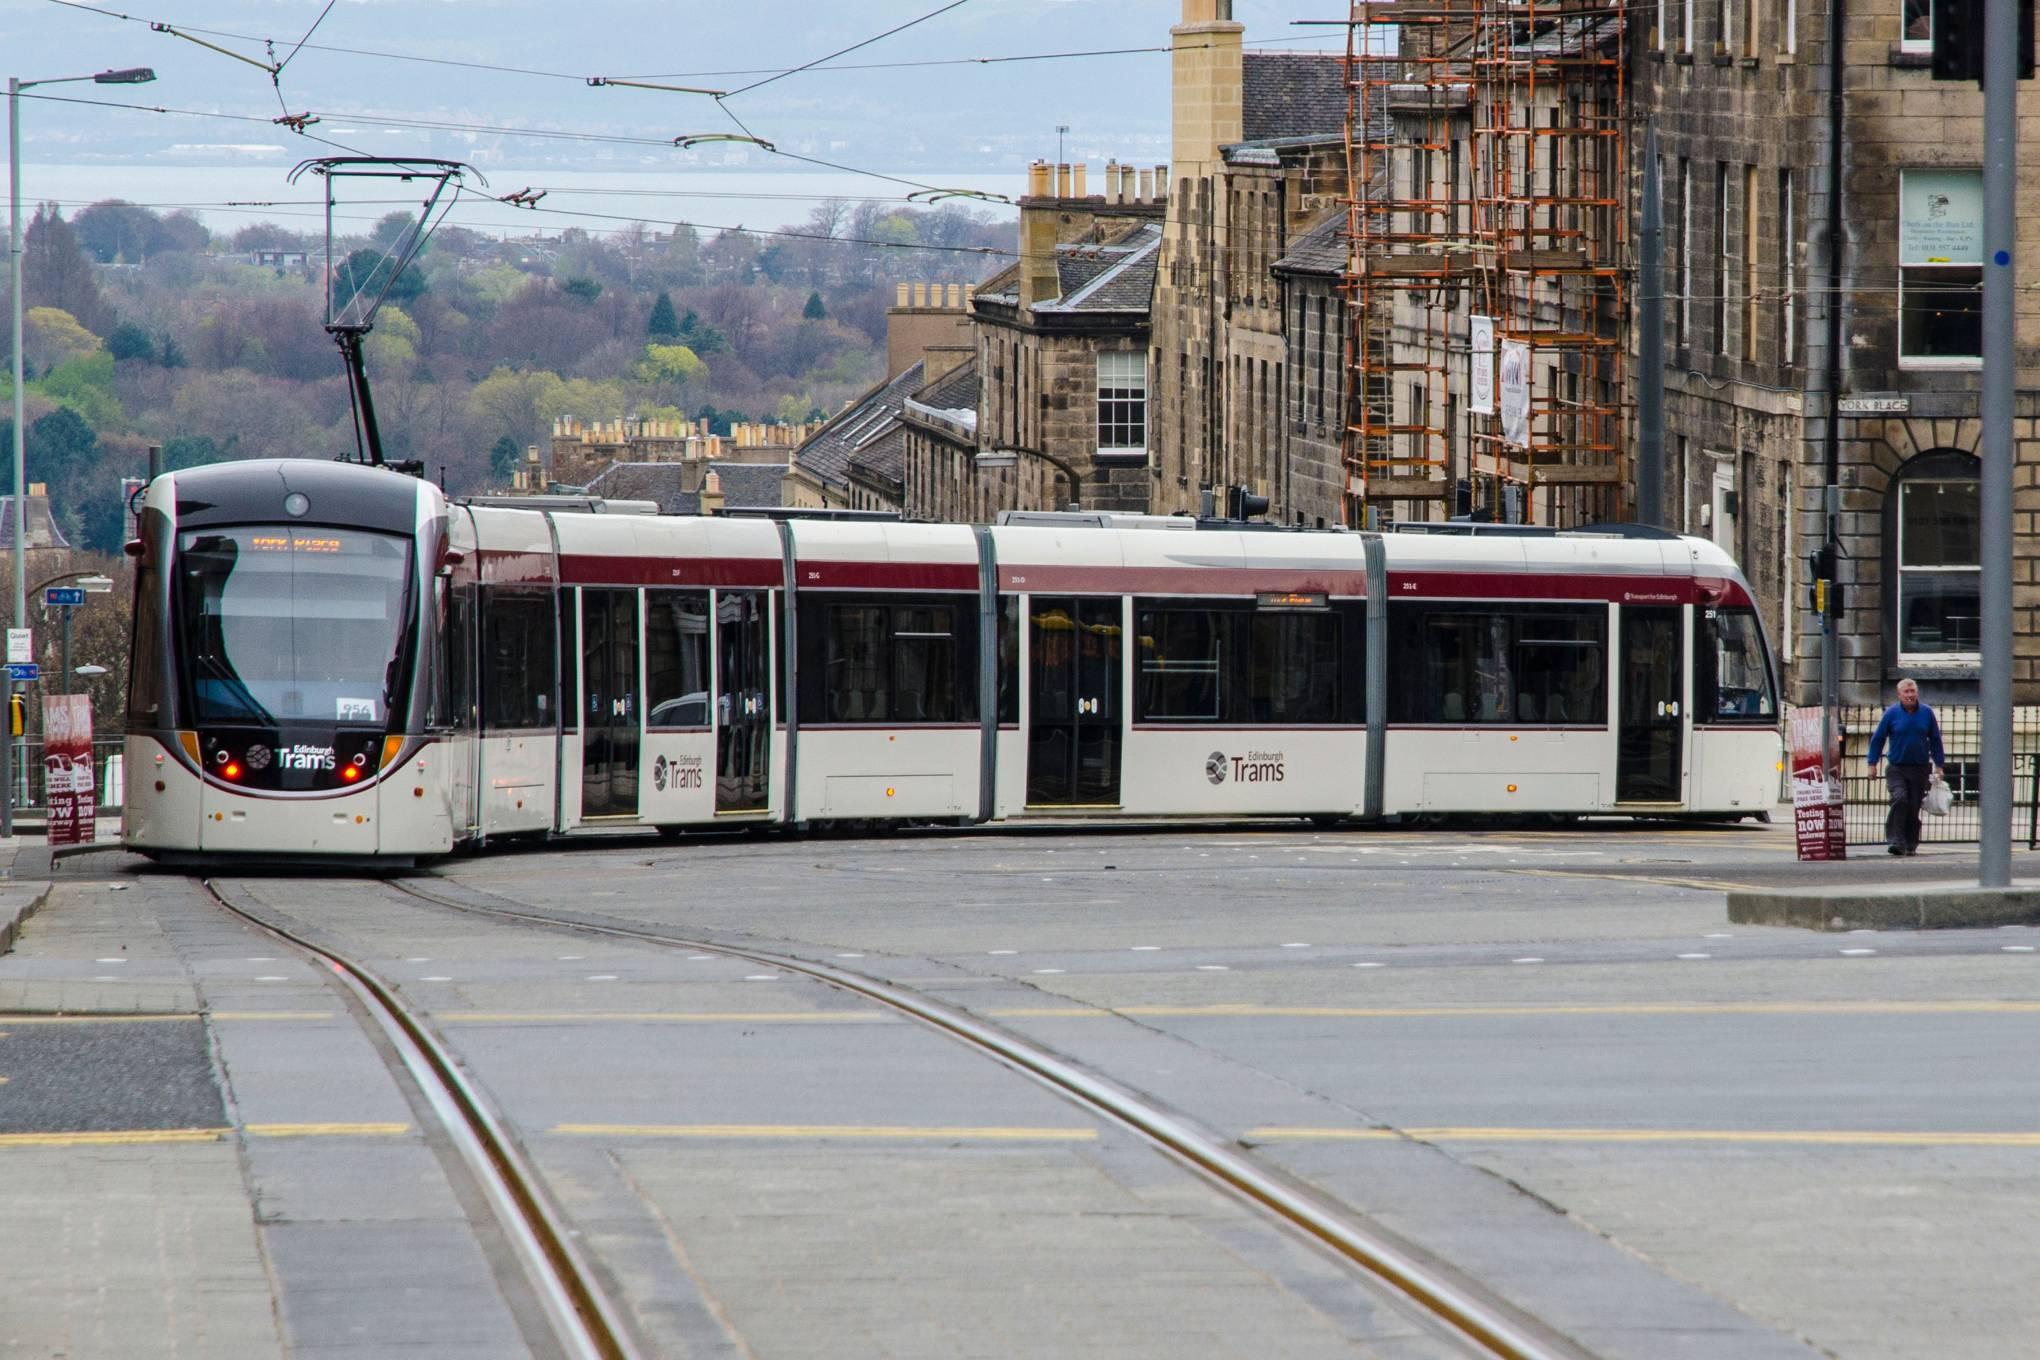 ผลการค้นหารูปภาพสำหรับ tram uk